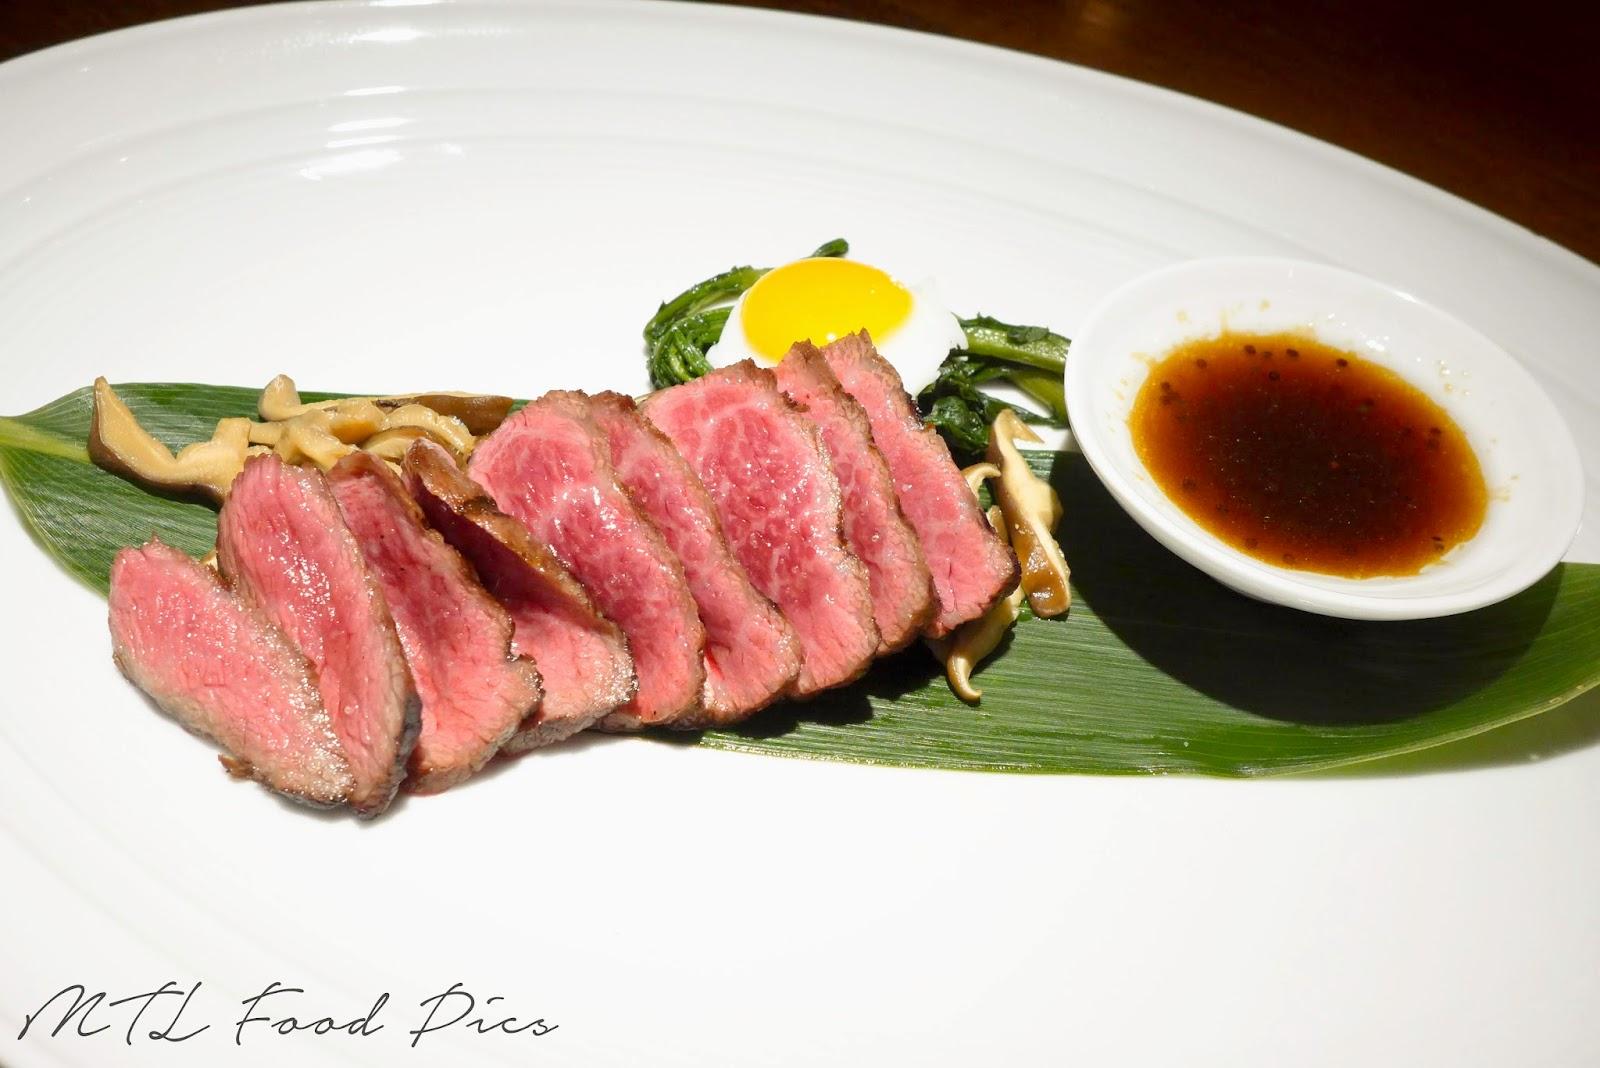 Wagyu Beef - Japanese Montreal